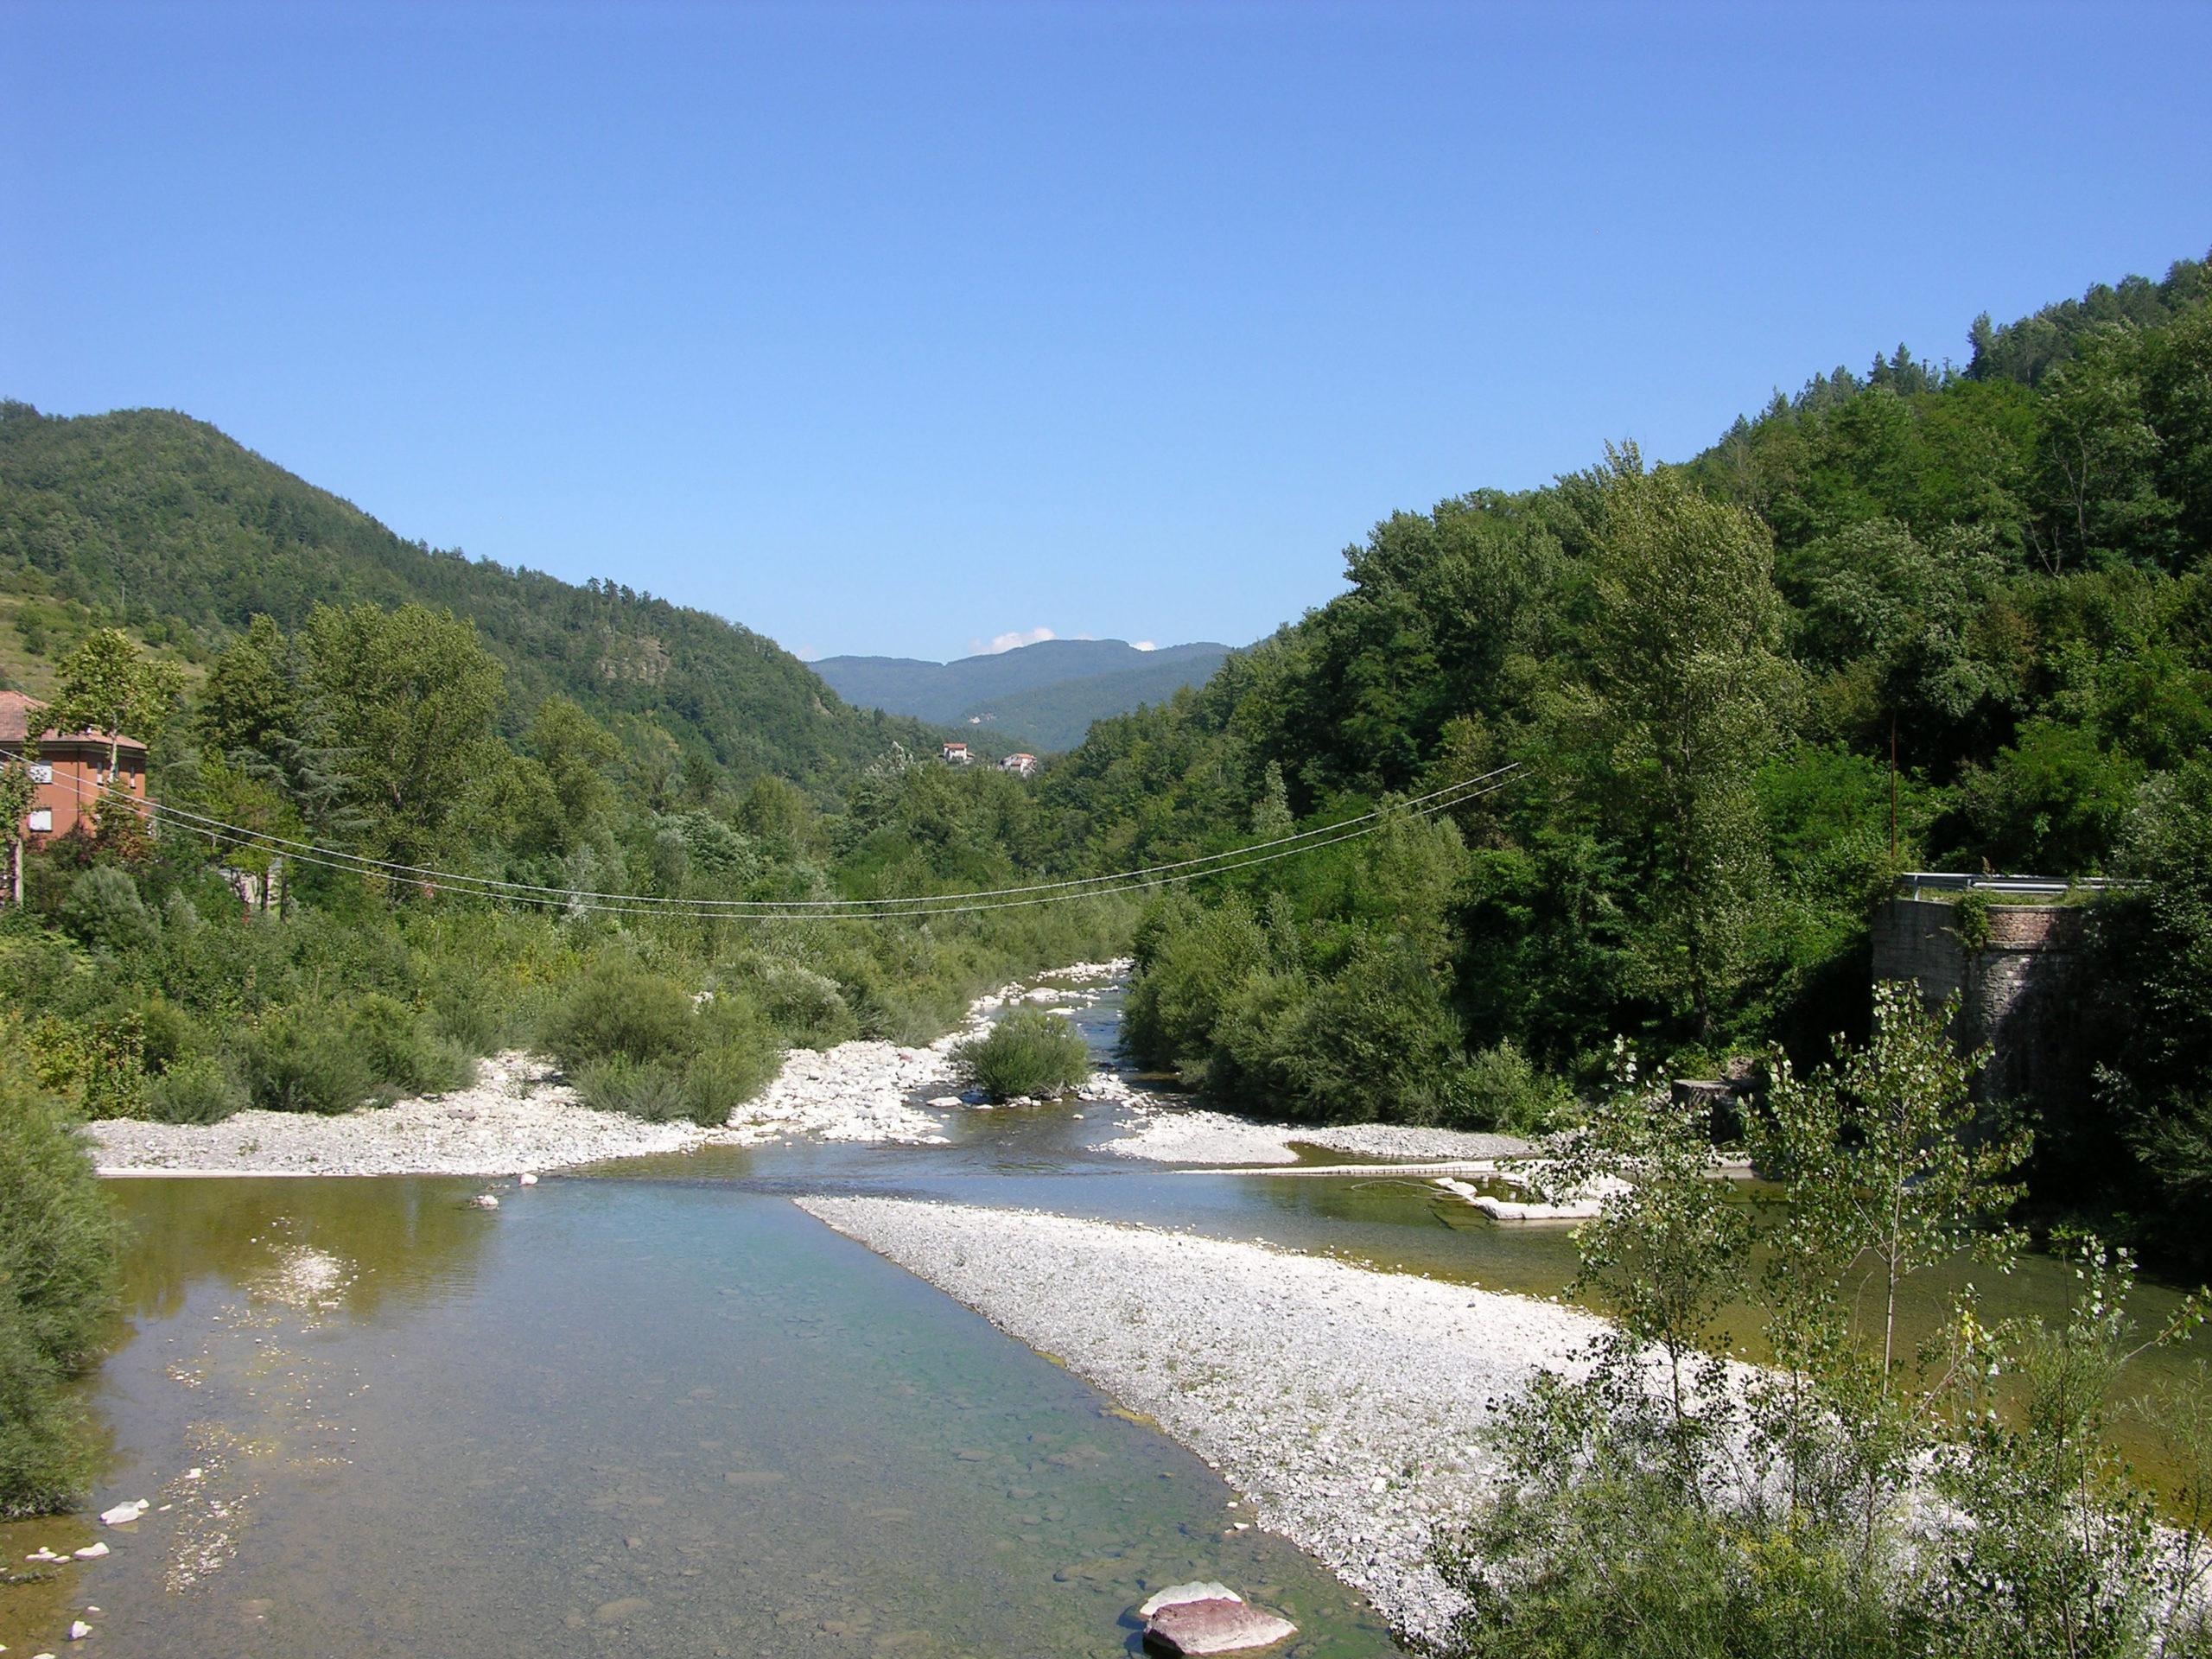 Interrogazione alla Giunta regionale sulla derivazione irrigua del Rio Villano nel Parco Regionale Fluviale del Trebbia.